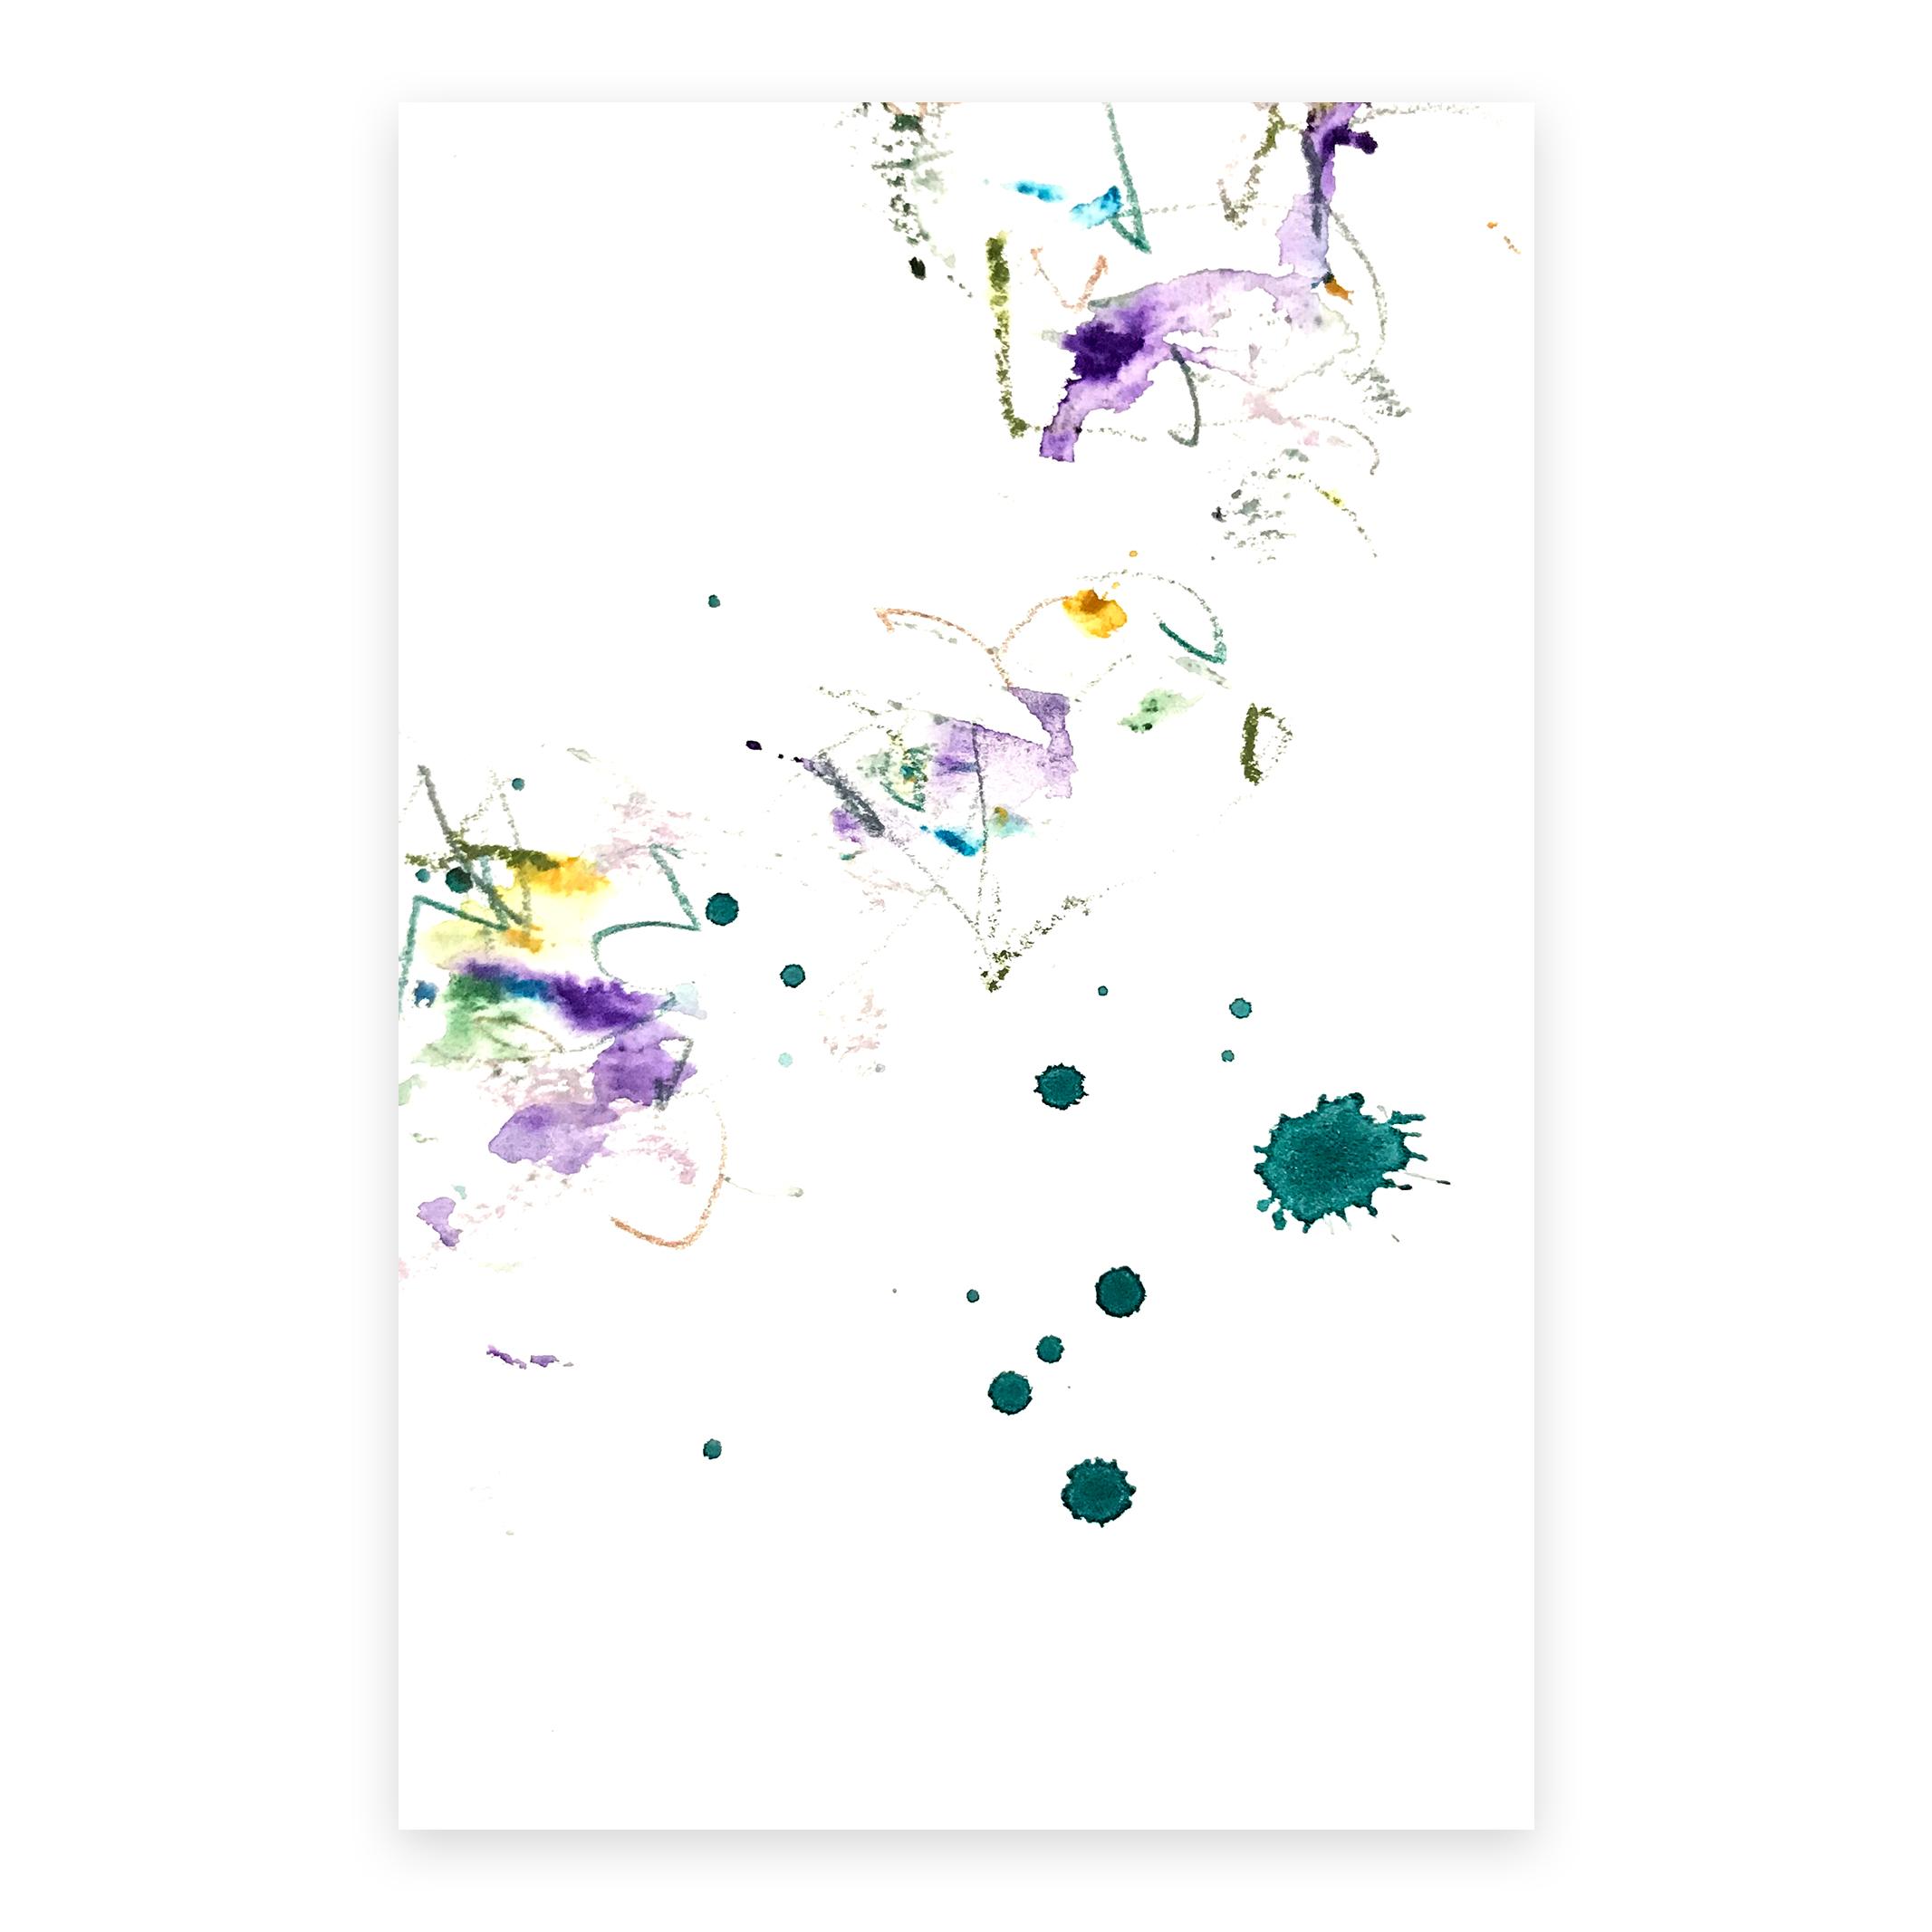 dd_nov29181  Mixed media on paper 14.8×10cm